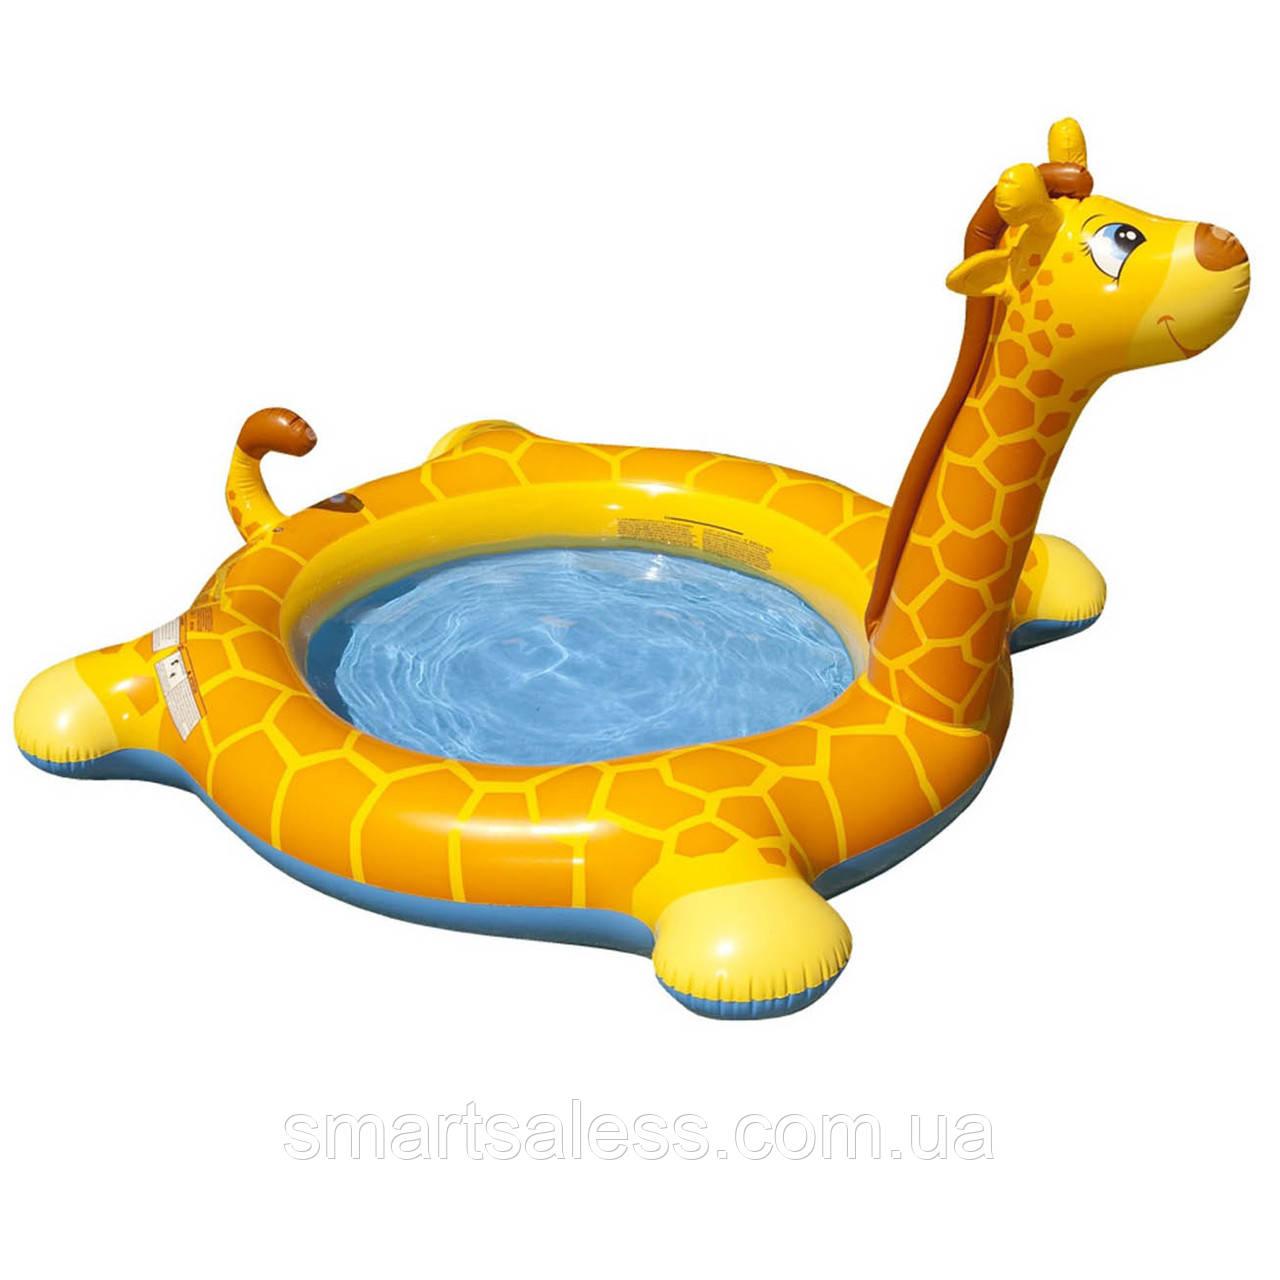 Уценка! Детский надувной бассейн Intex 57434 (Stock) «Жираф» с фонтаном, 208 х 165 х 122 см